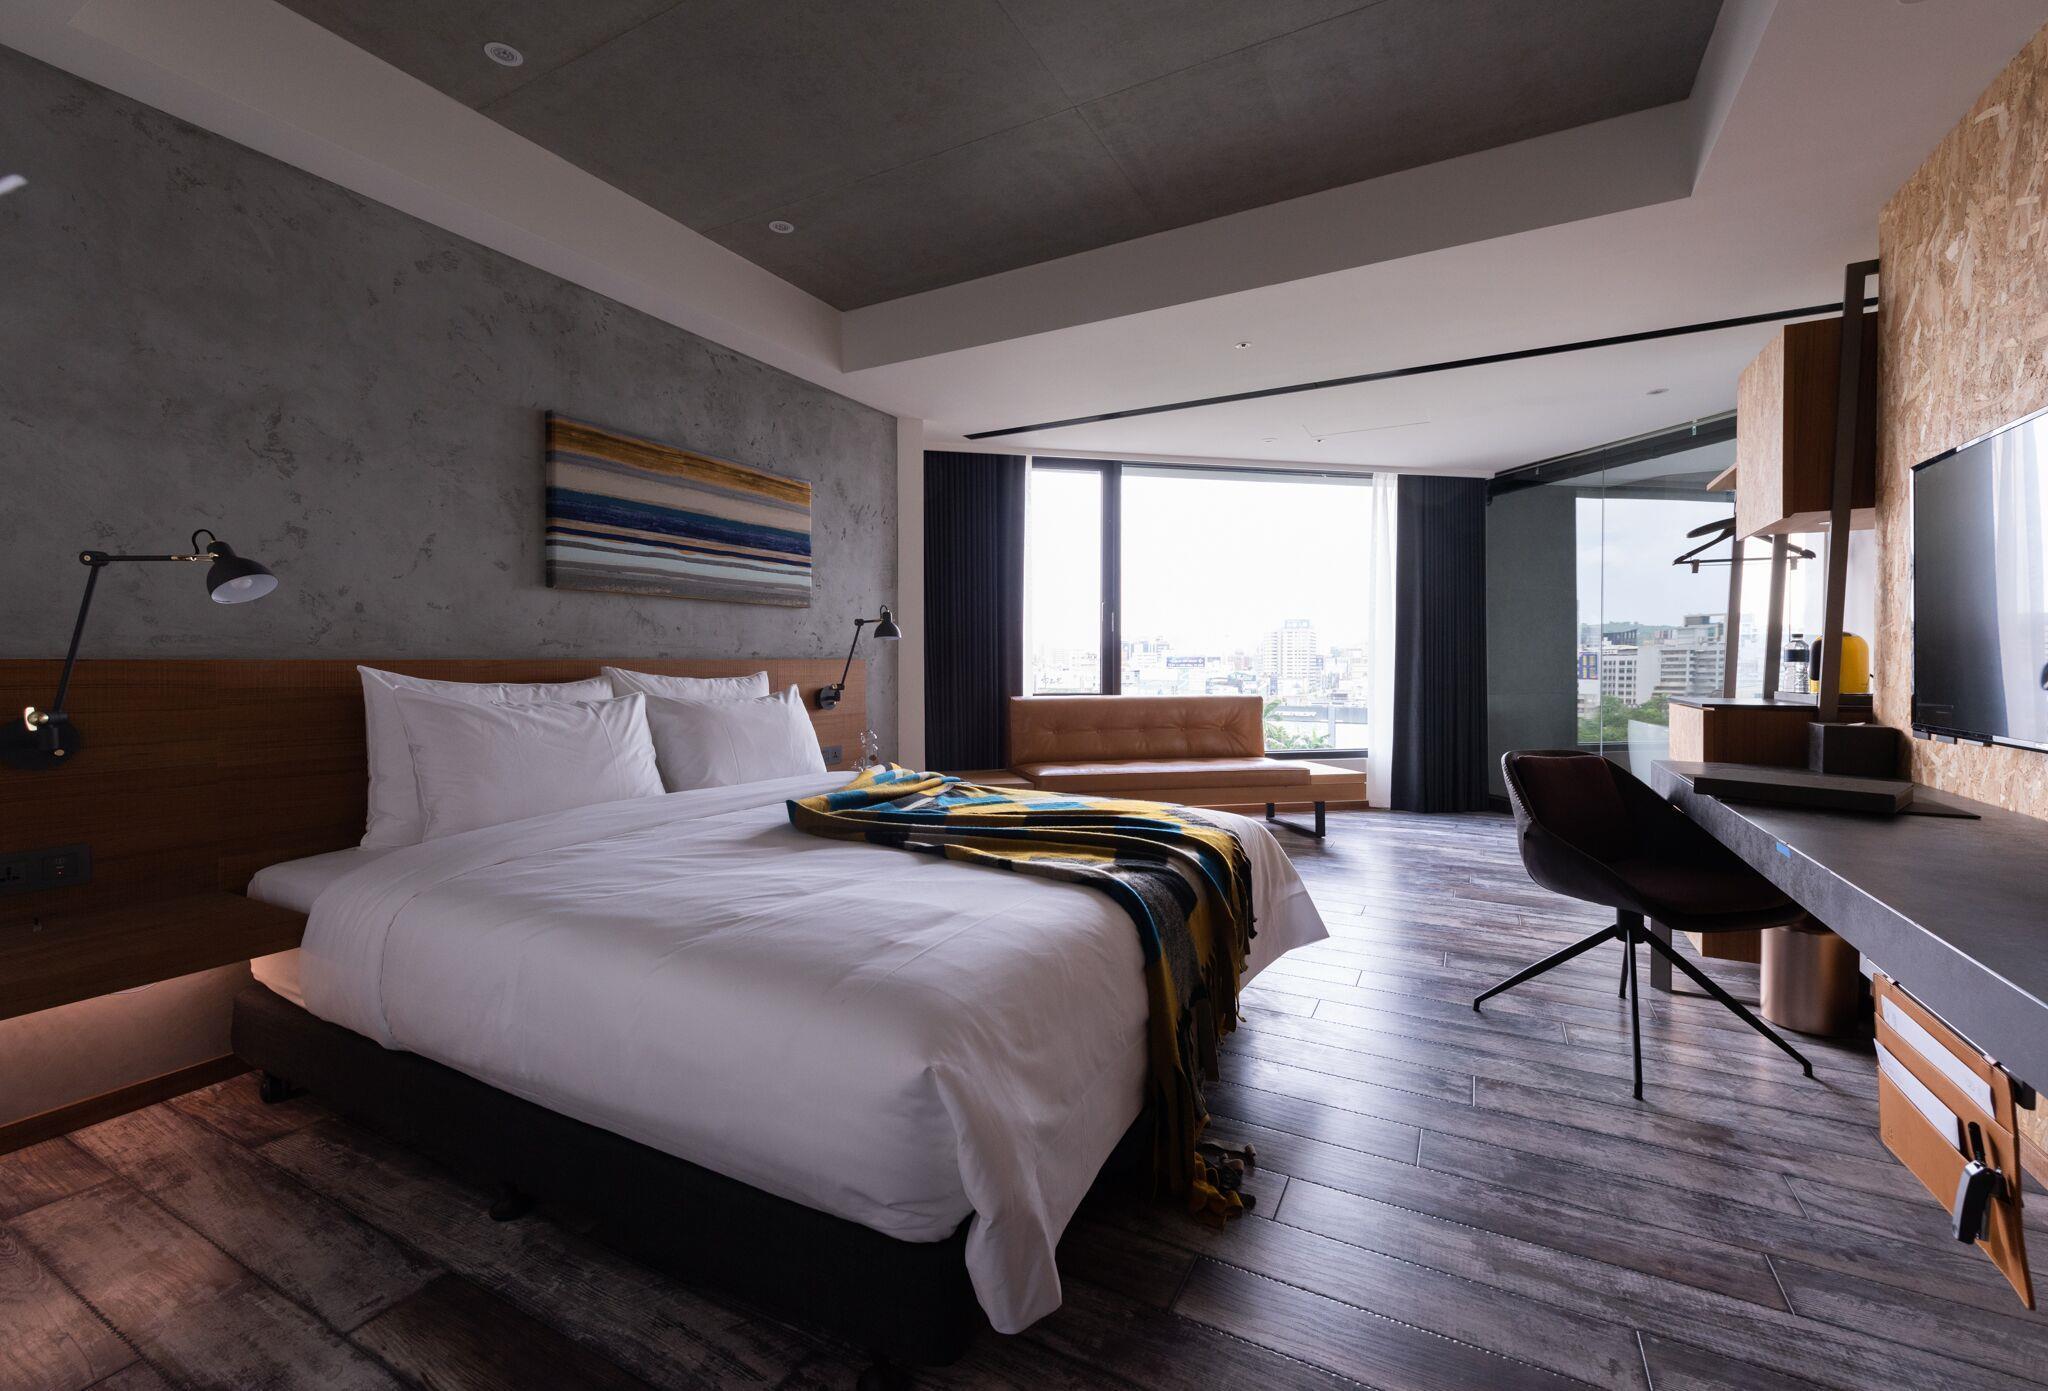 Brio Hotel 88 1 2 7 Kaohsiung Hotel Deals Reviews